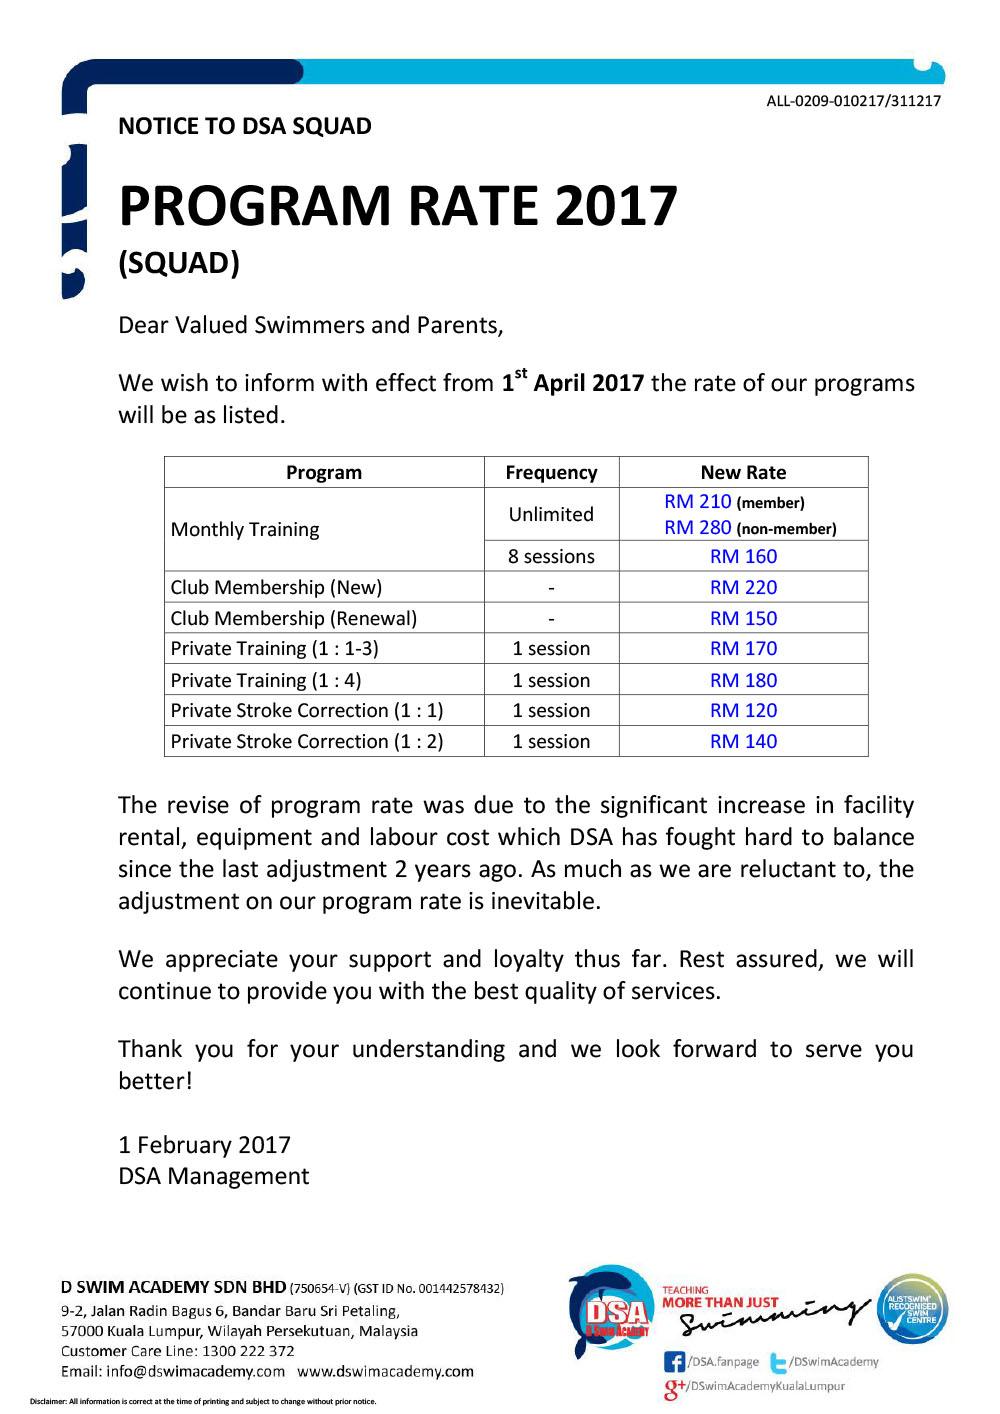 Rate 2017 Notice